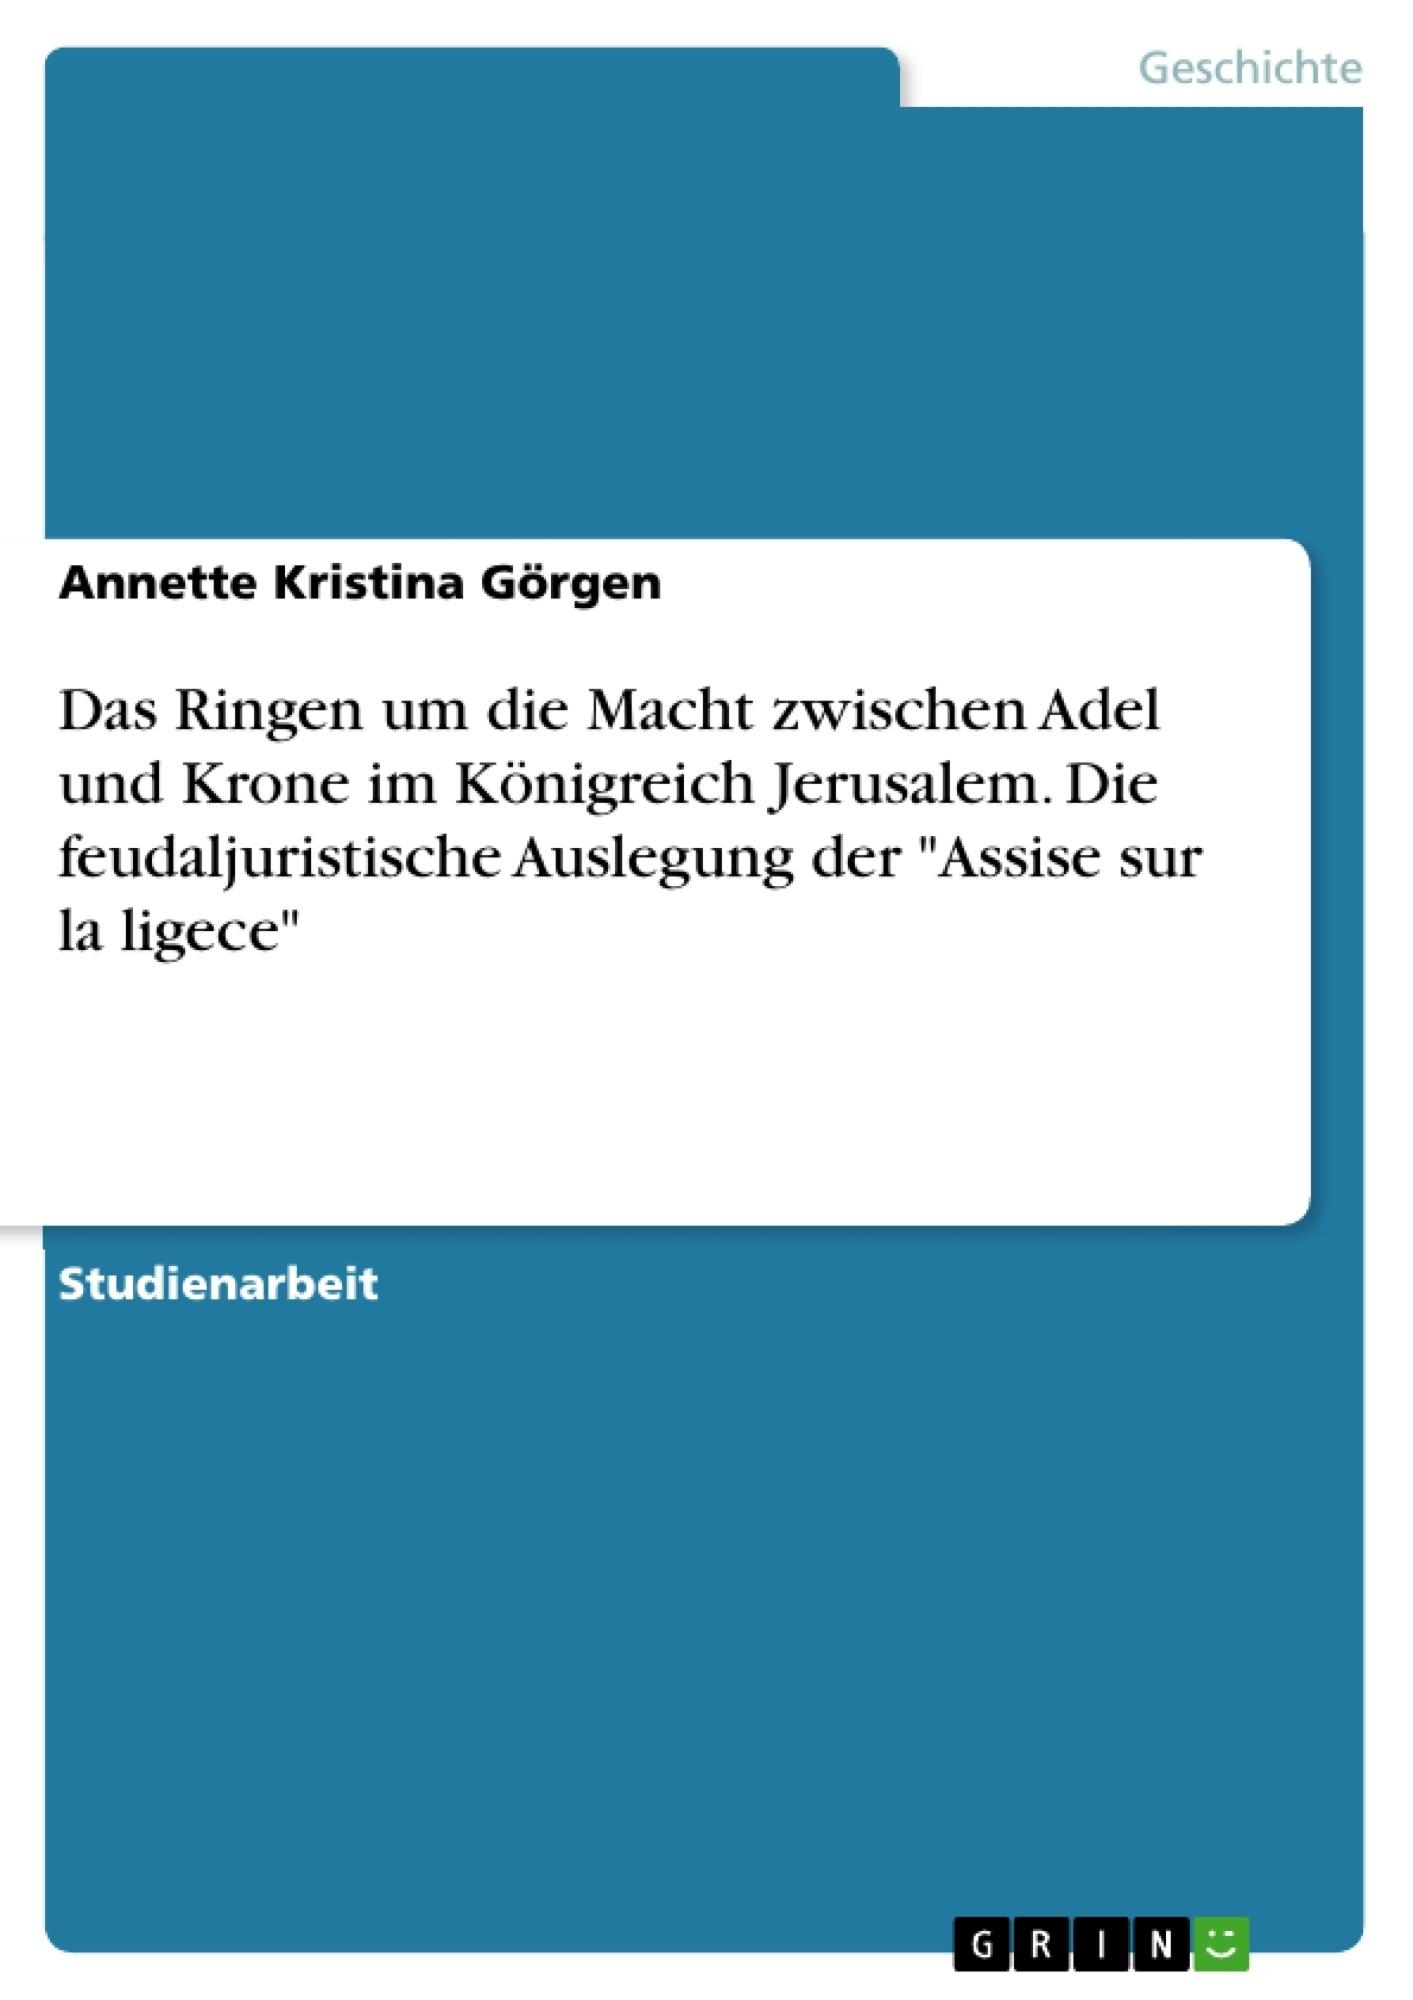 """Titel: Das Ringen um die Macht zwischen Adel und Krone im Königreich Jerusalem. Die feudaljuristische Auslegung der """"Assise sur la ligece"""""""